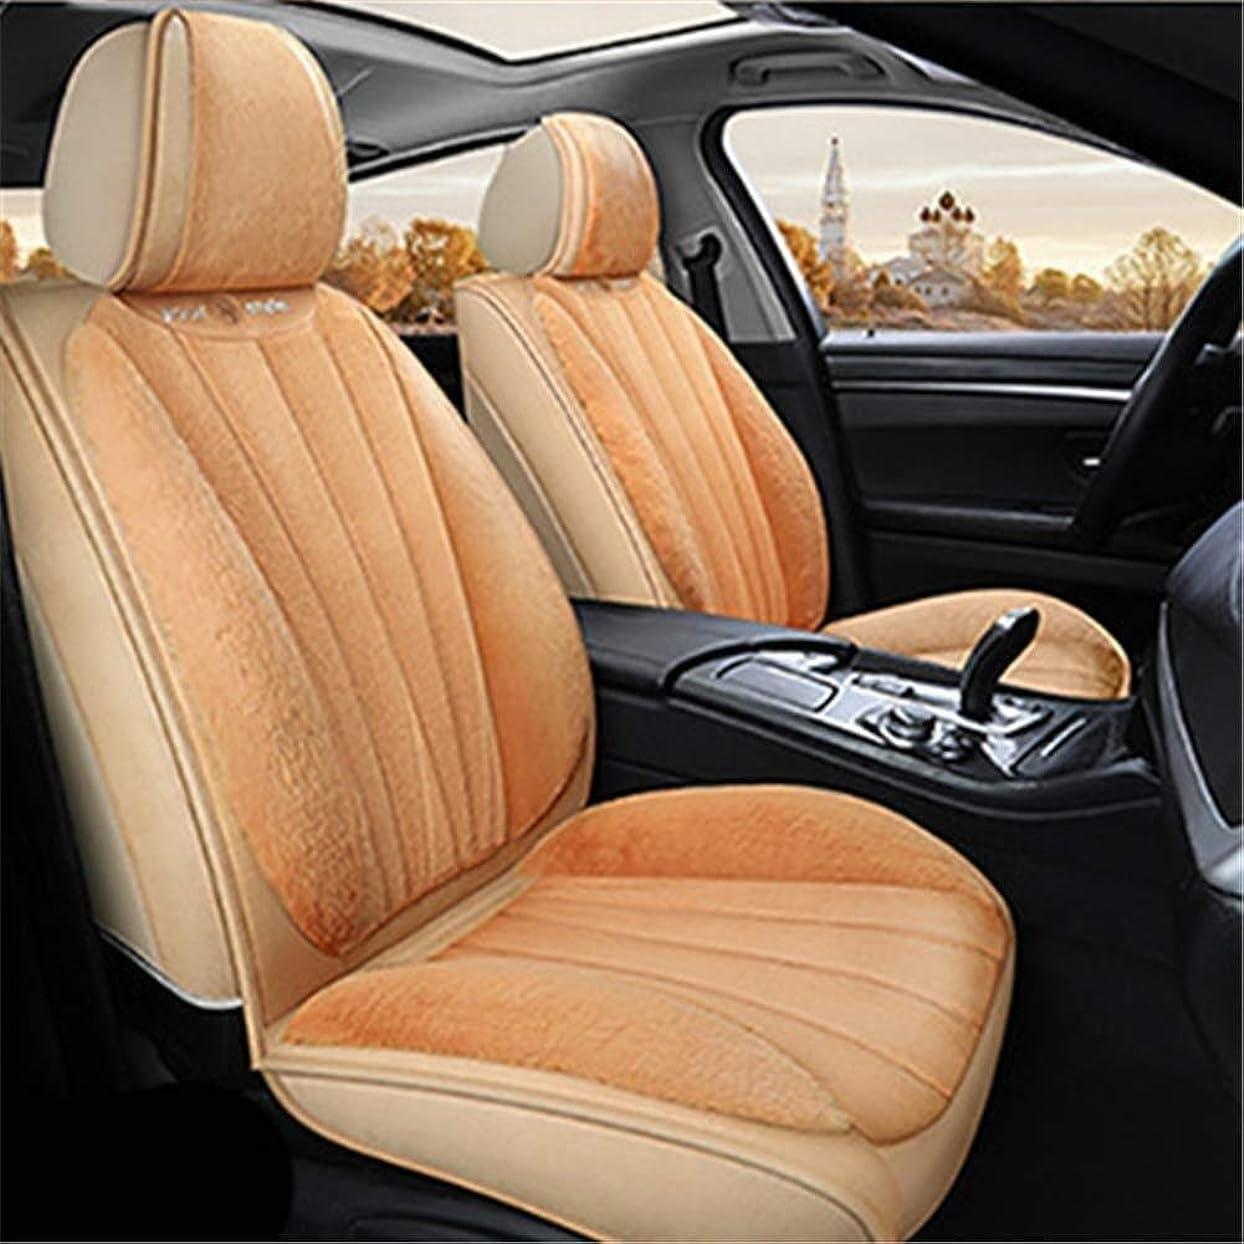 最終数値カップルカーシートカバーフルセット カーシートは、トラック&SUVの、ほとんどの車に適したエアバッグ予約済みポートを備えたフルセット冬のカーシートクッション、暖かいぬいぐるみシートカバーを、カバー (Color : Rice)